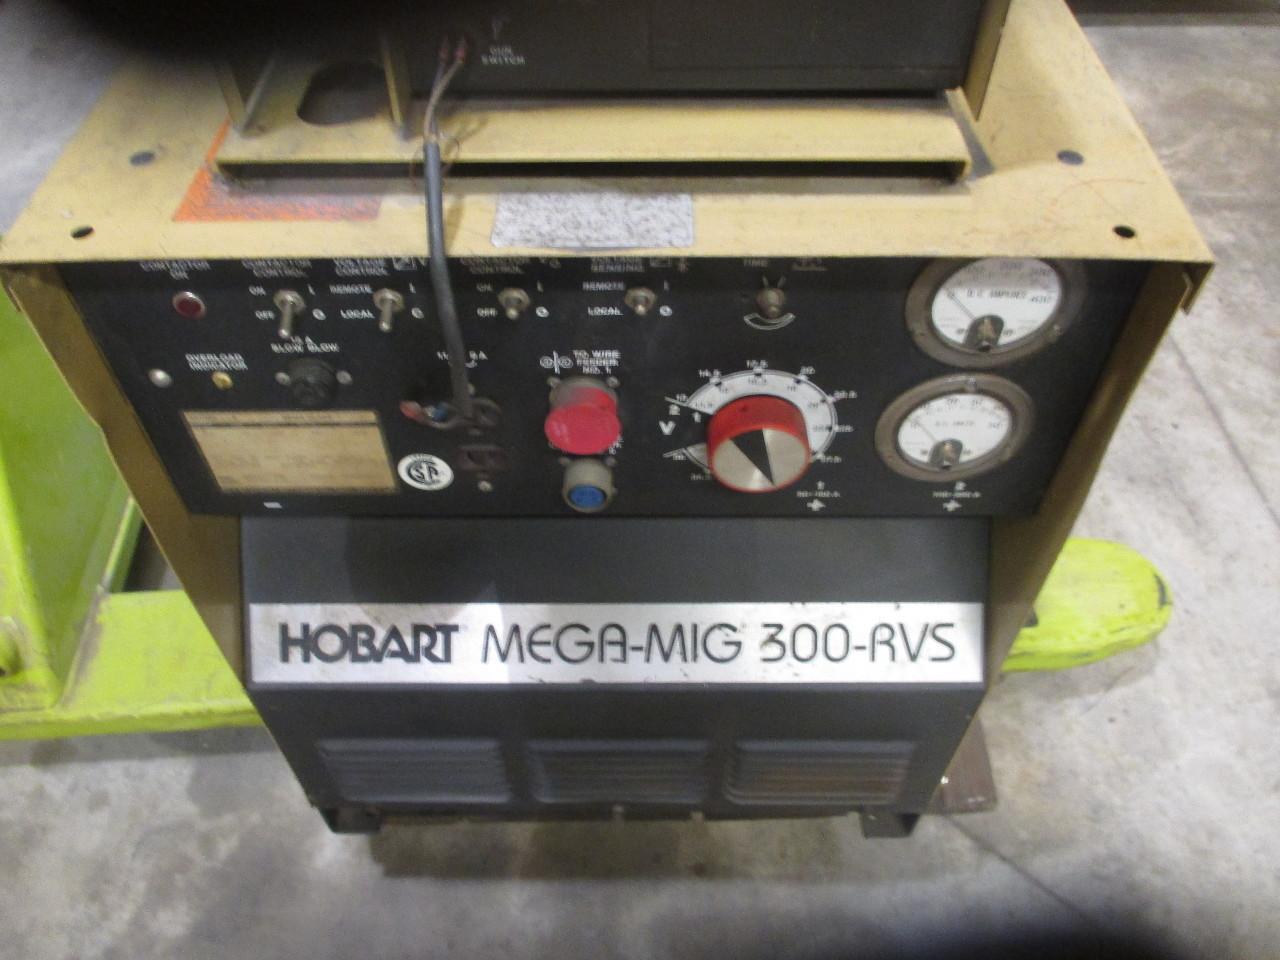 Hobart Mega